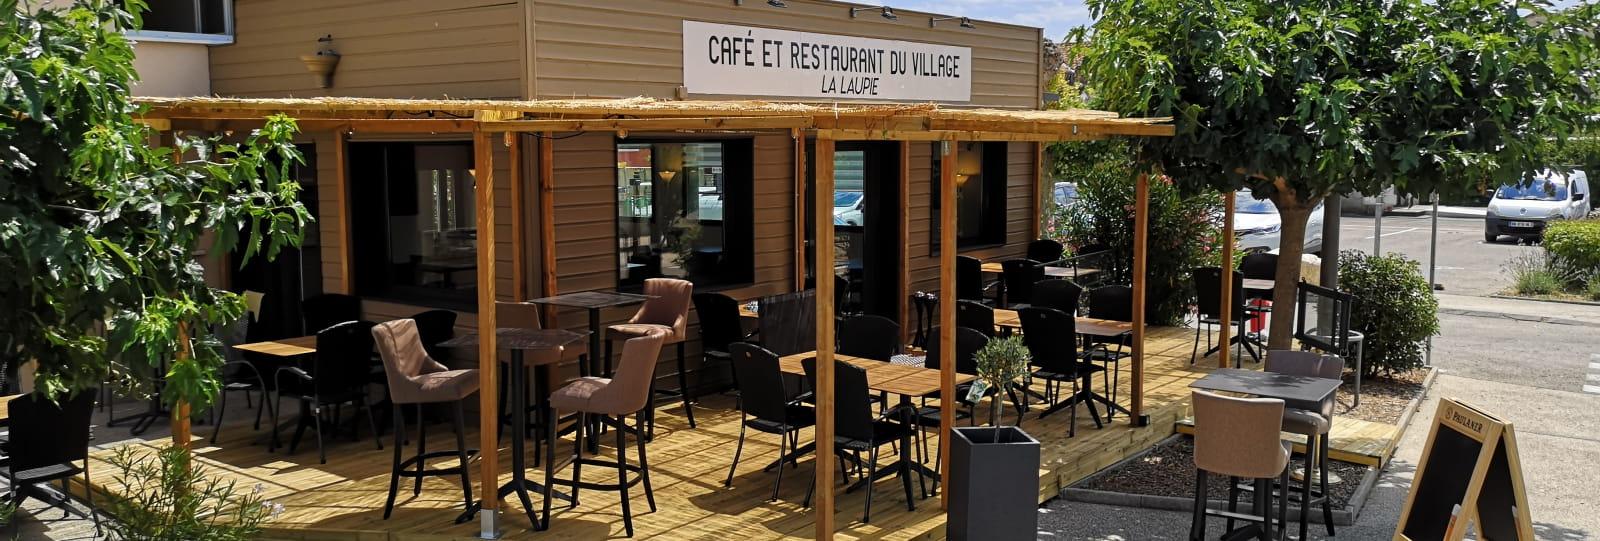 Café et restaurant du village